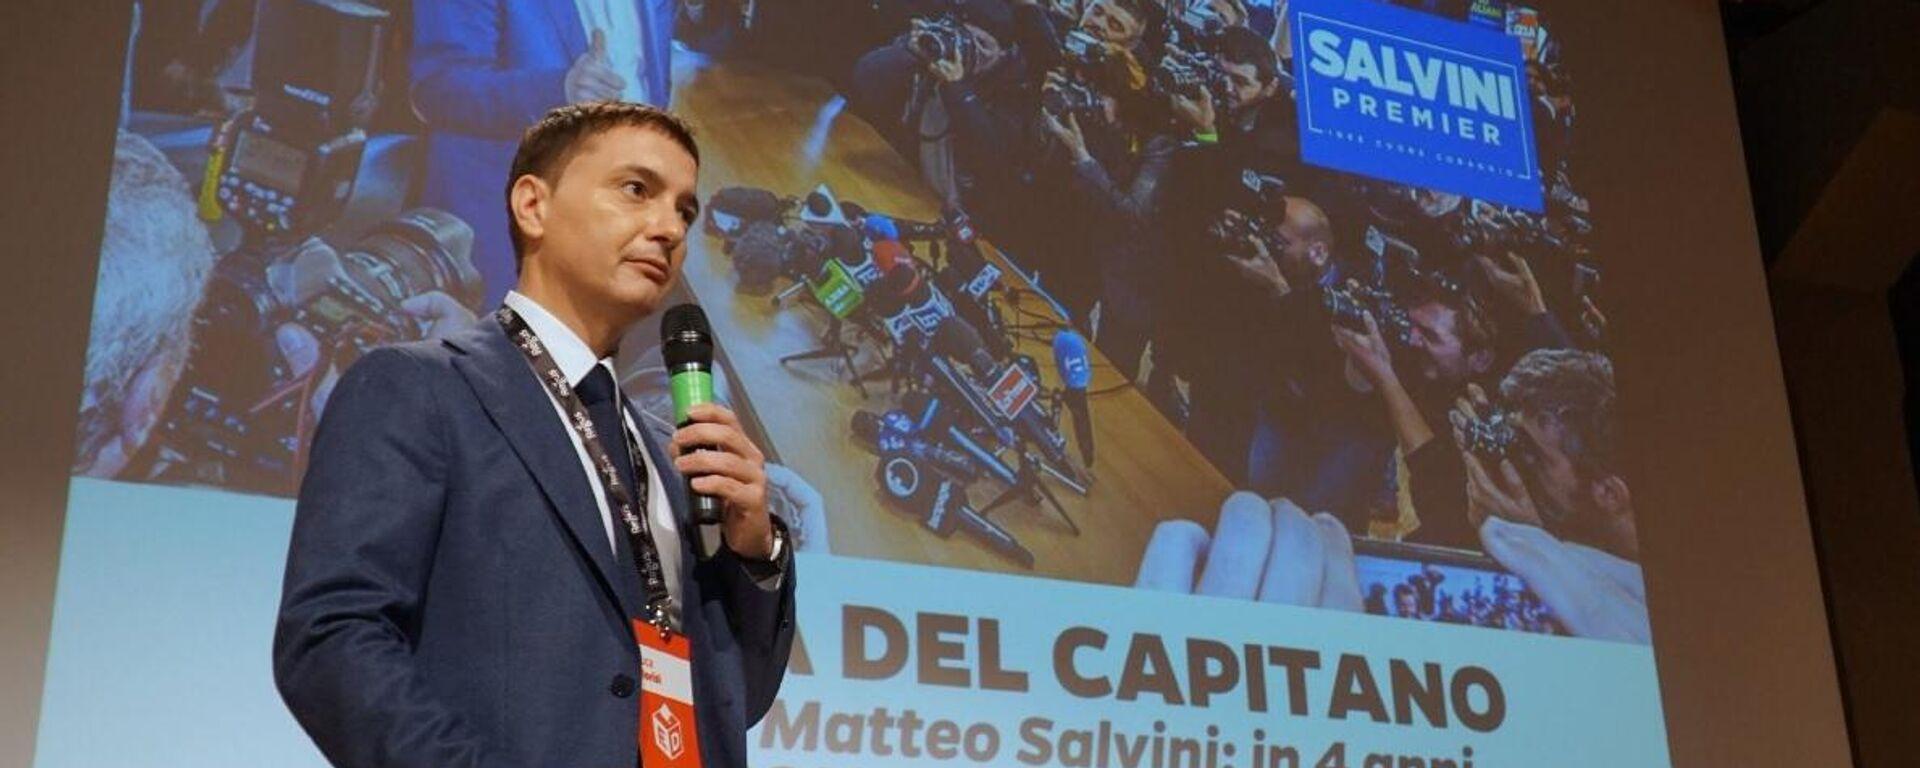 Luca Morisi - Sputnik Italia, 1920, 29.09.2021